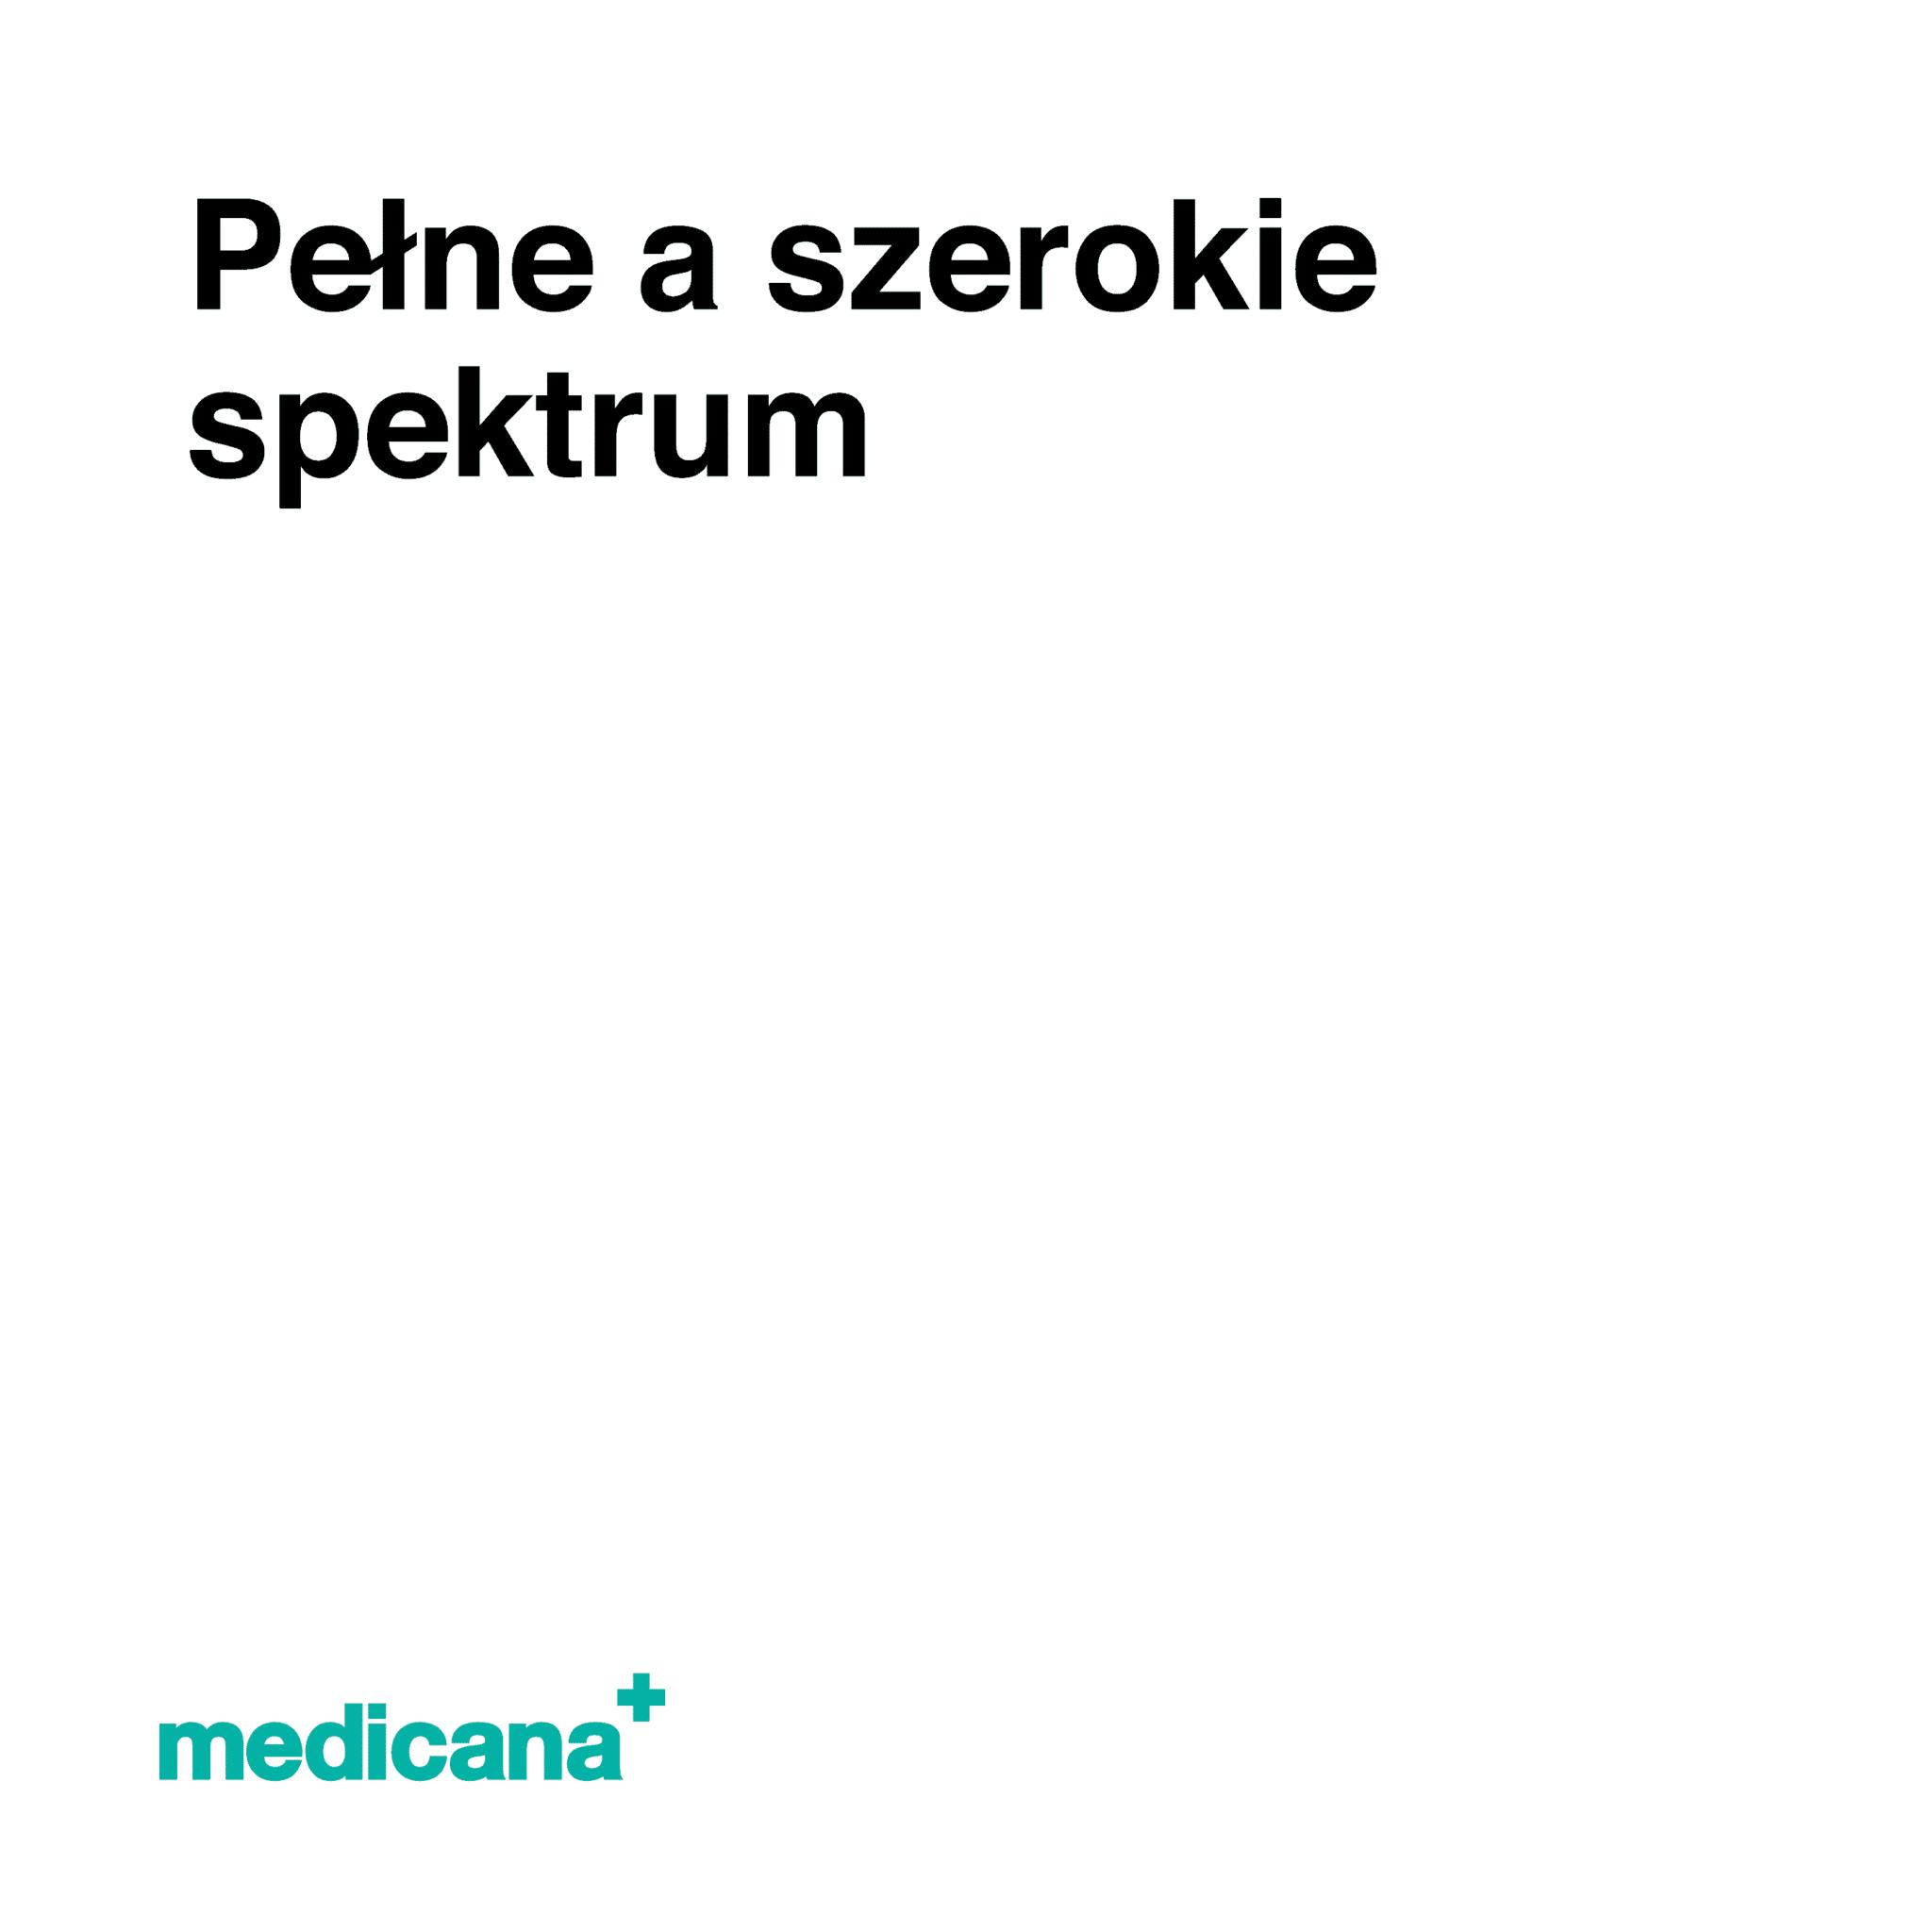 Grafika, białe tło z czarnym napisem Pełne a szerokie spektrum oraz zielonym logo Medicana w lewym dolnym rogu.